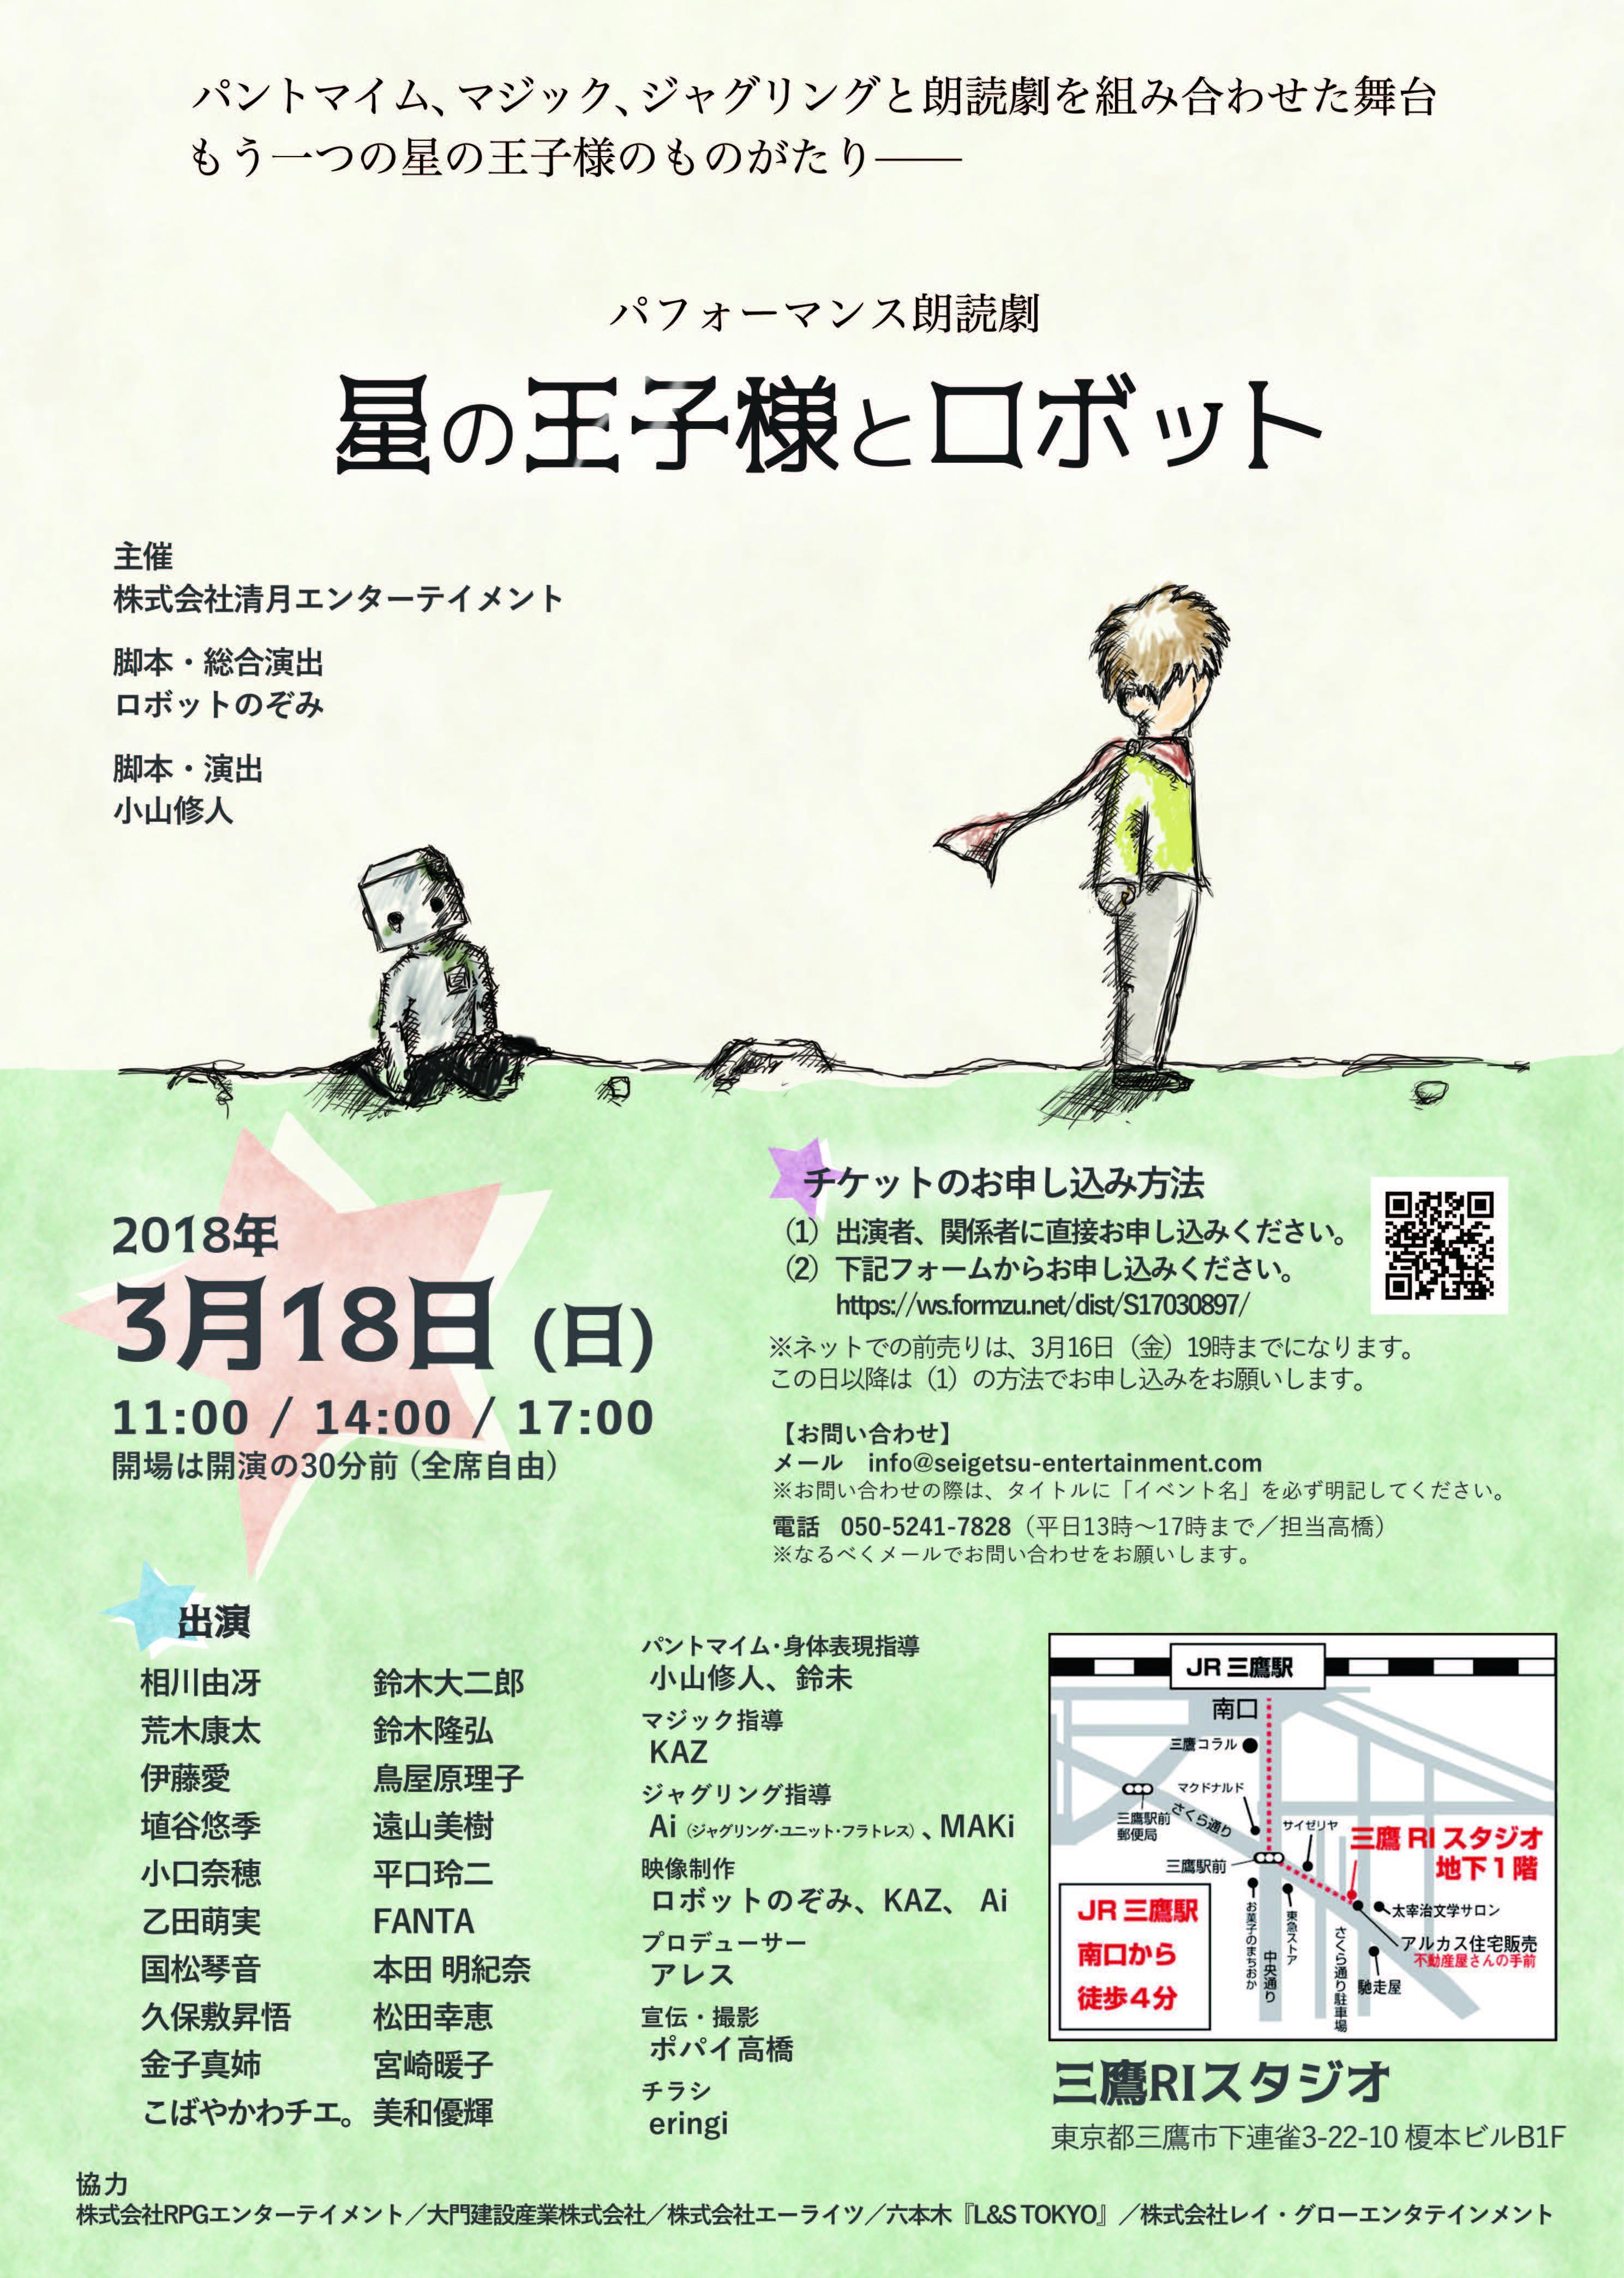 【公演終了】パフォーマンス朗読劇 2「星の王子様とロボット」【公演日3月18日(日)】